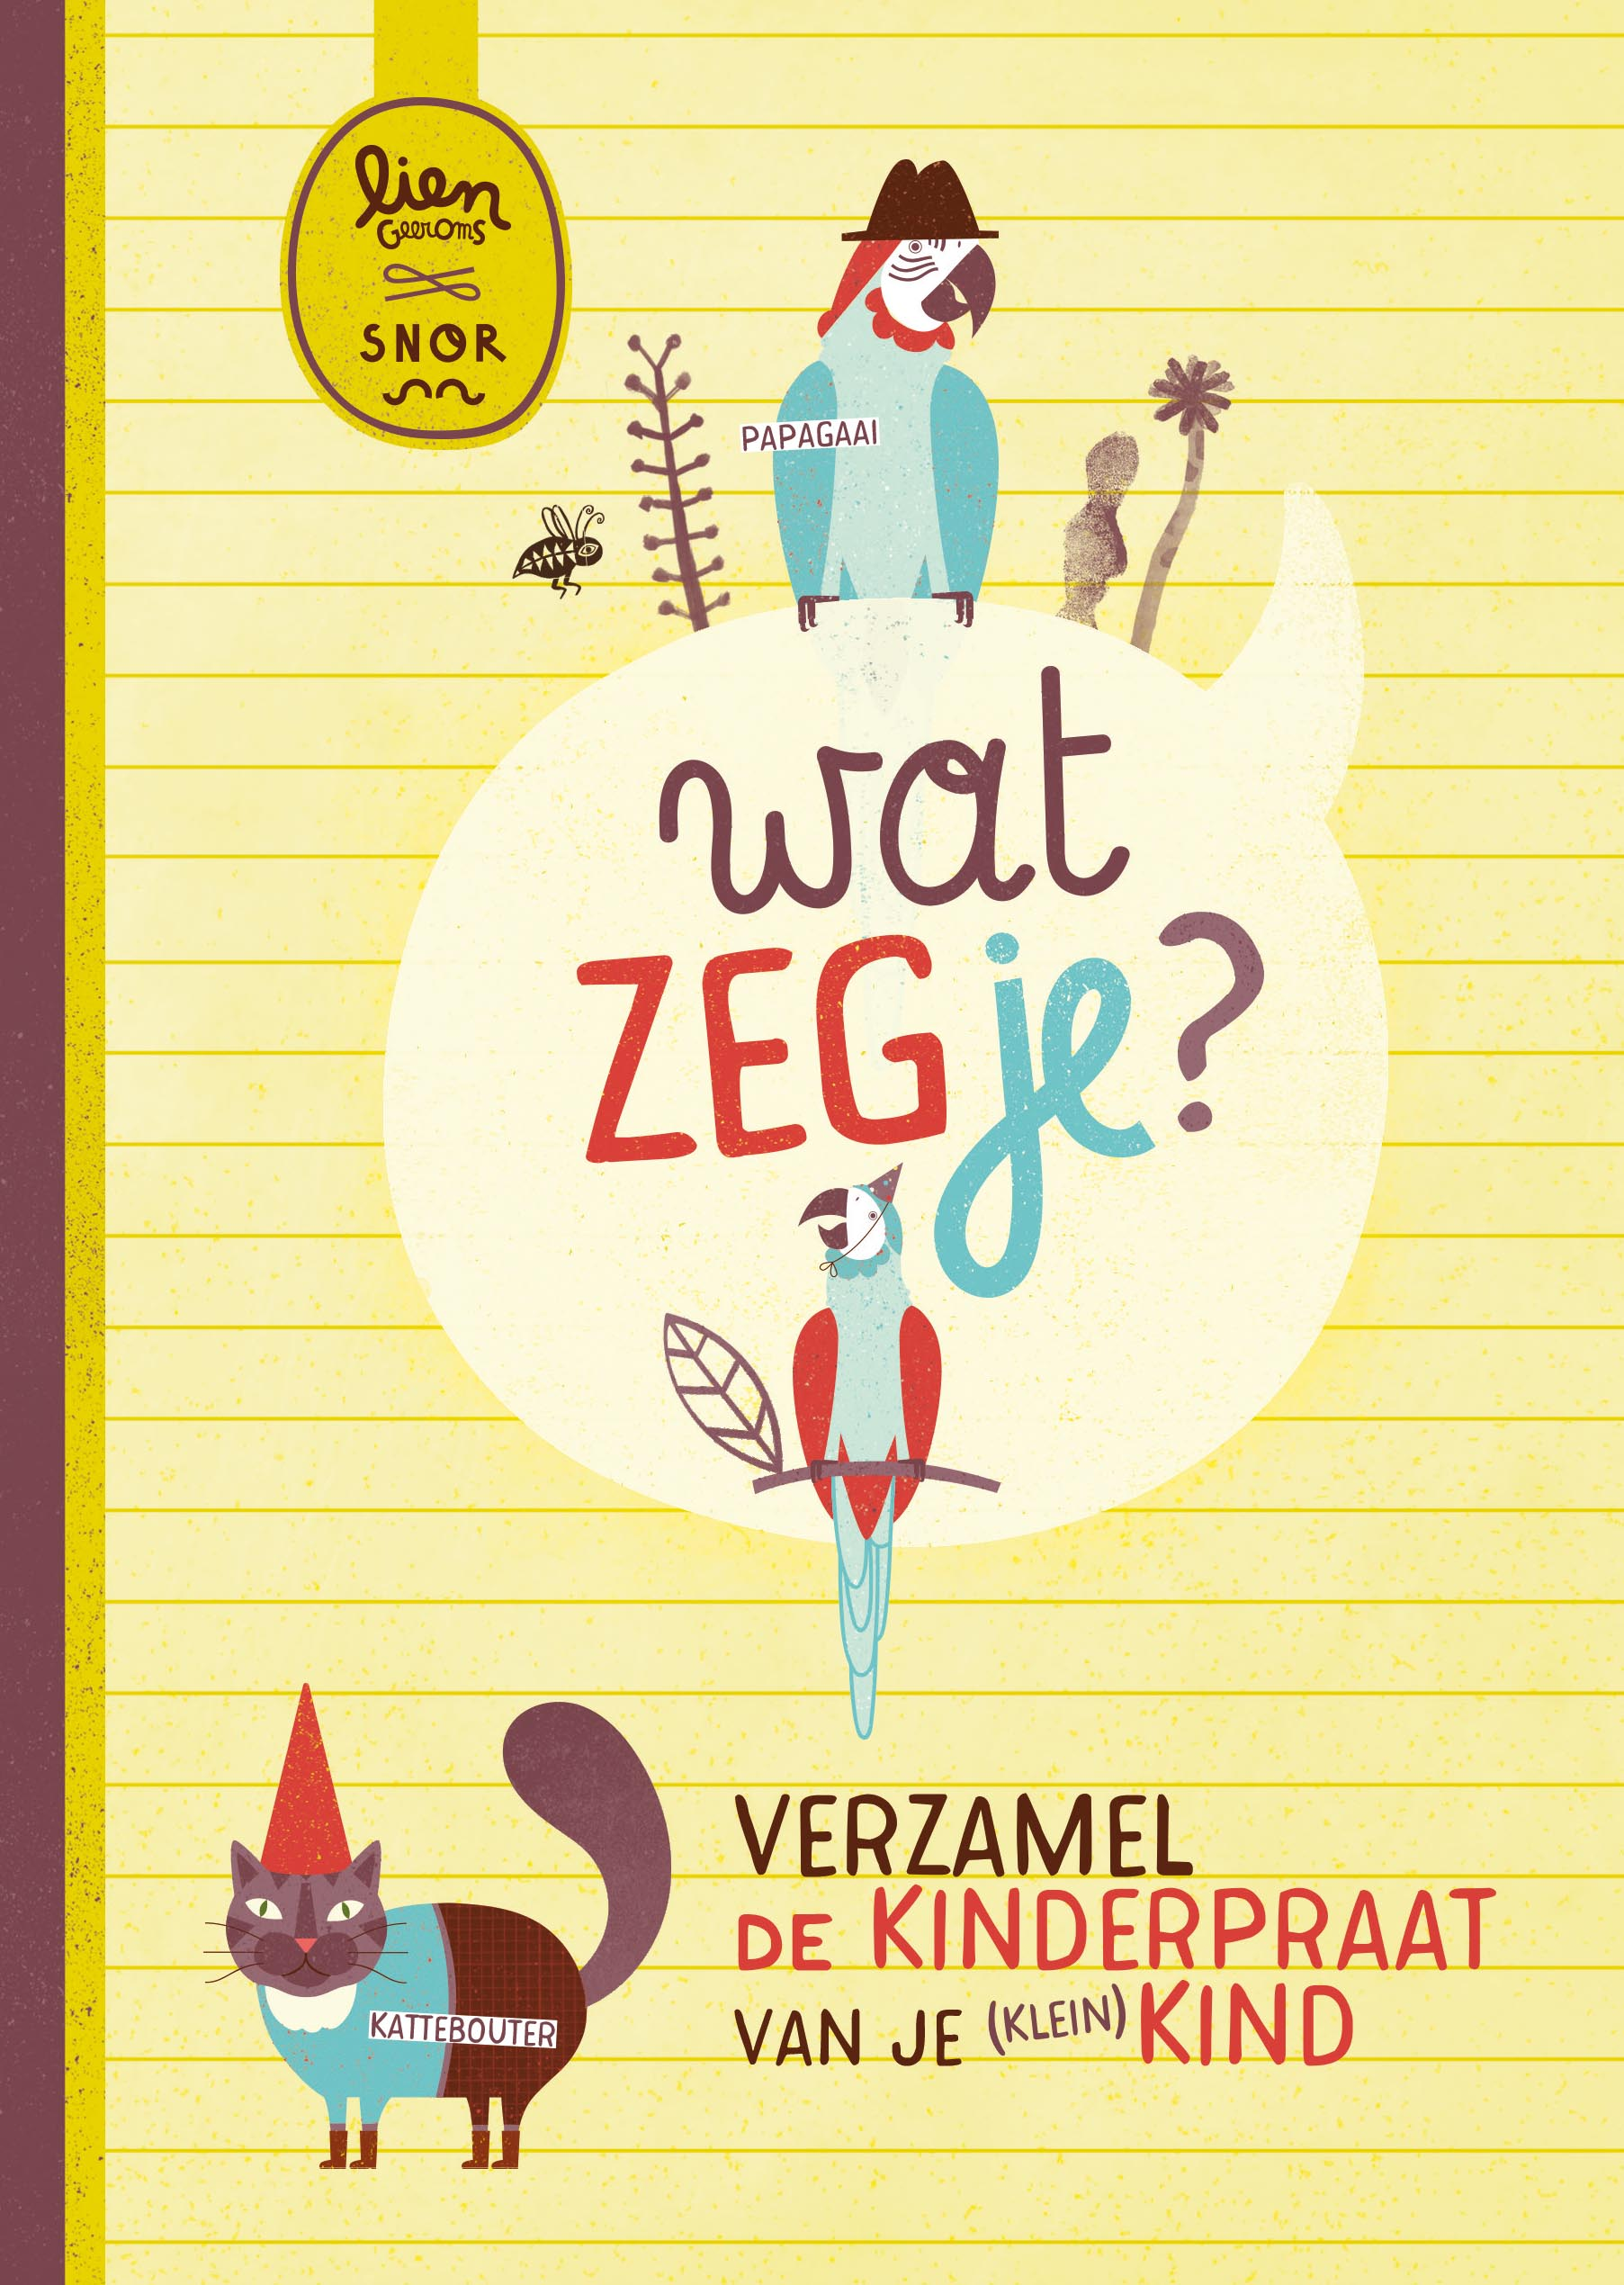 'Wat zeg je?' is een uitgave van uitgeverij Snor en verscheen in het najaar van 2016.